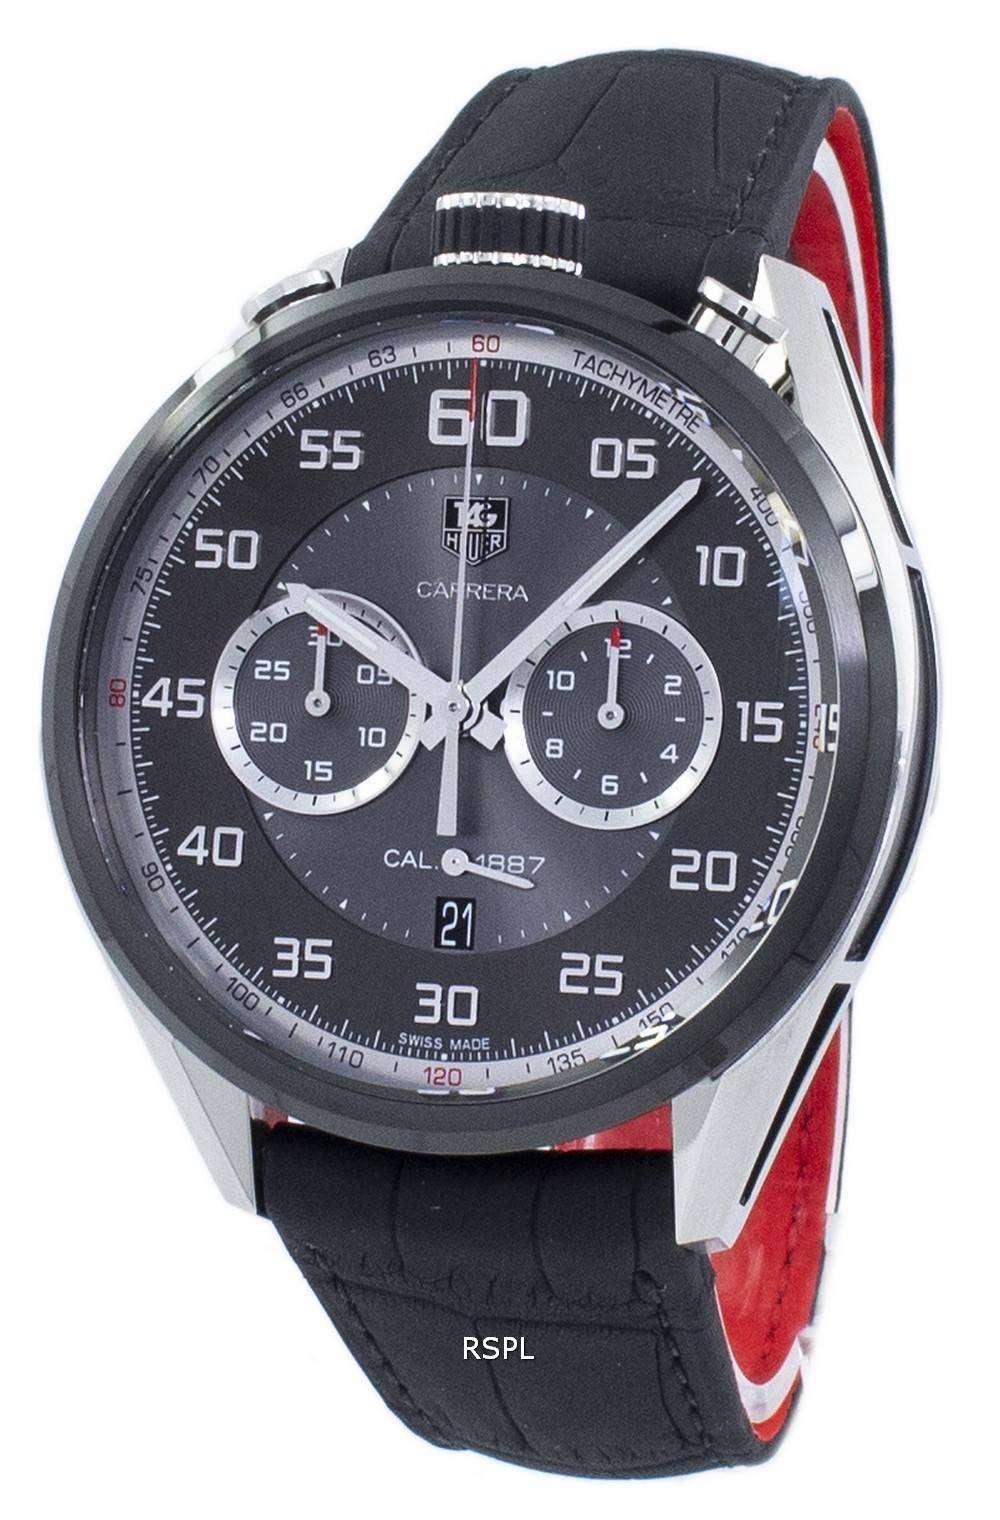 タグ ・ ホイヤー カレラ クロノグラフ自動 CAR2C12。FC6327 メンズ腕時計